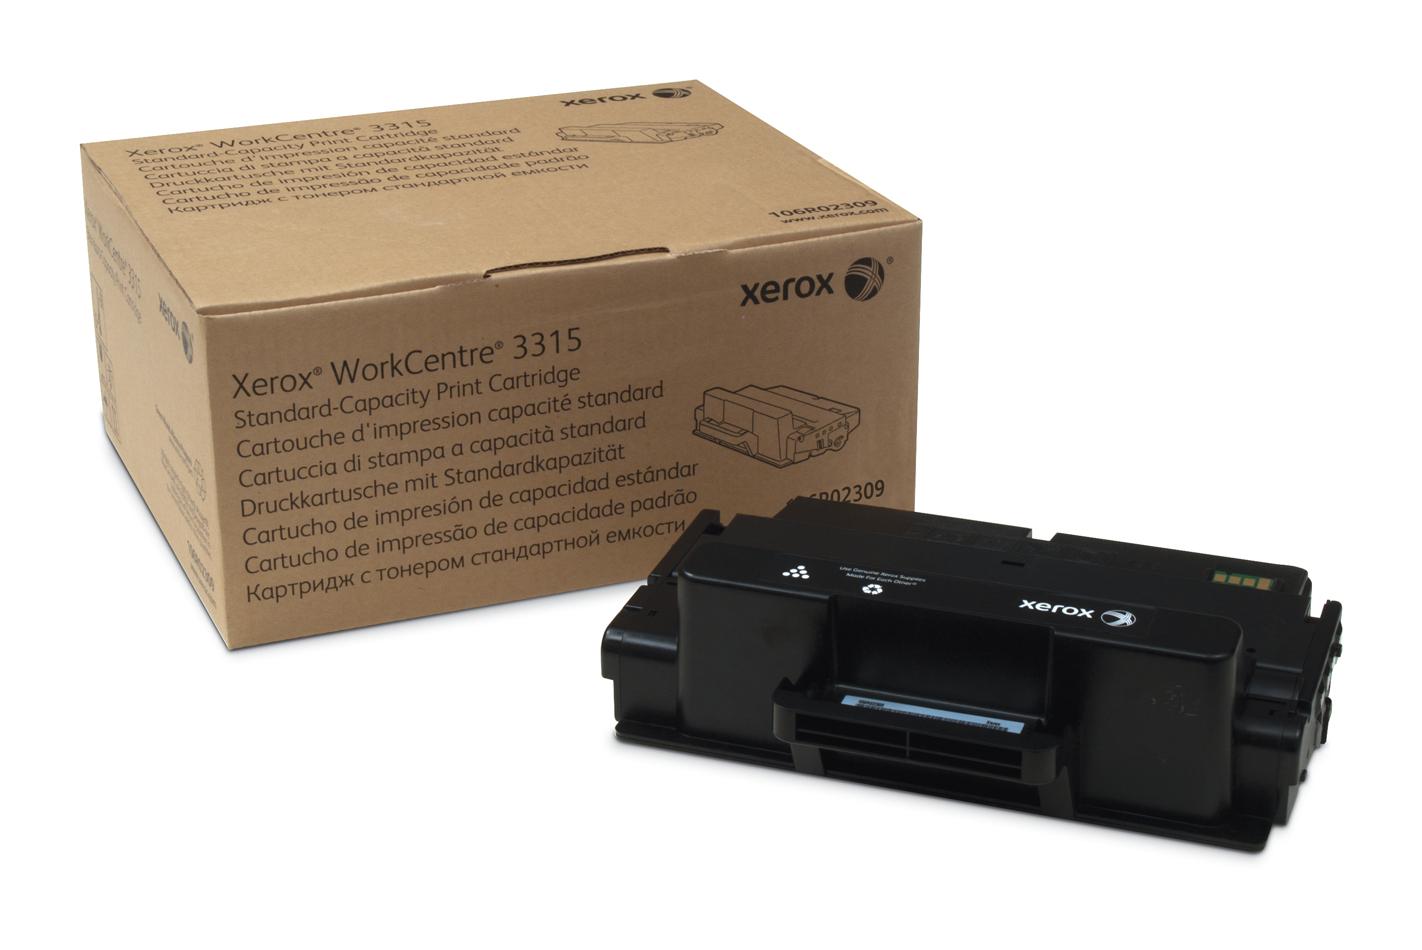 Xerox WorkCentre 3315 Cartucho de impresión de capacidad normal (2.300 páginas)